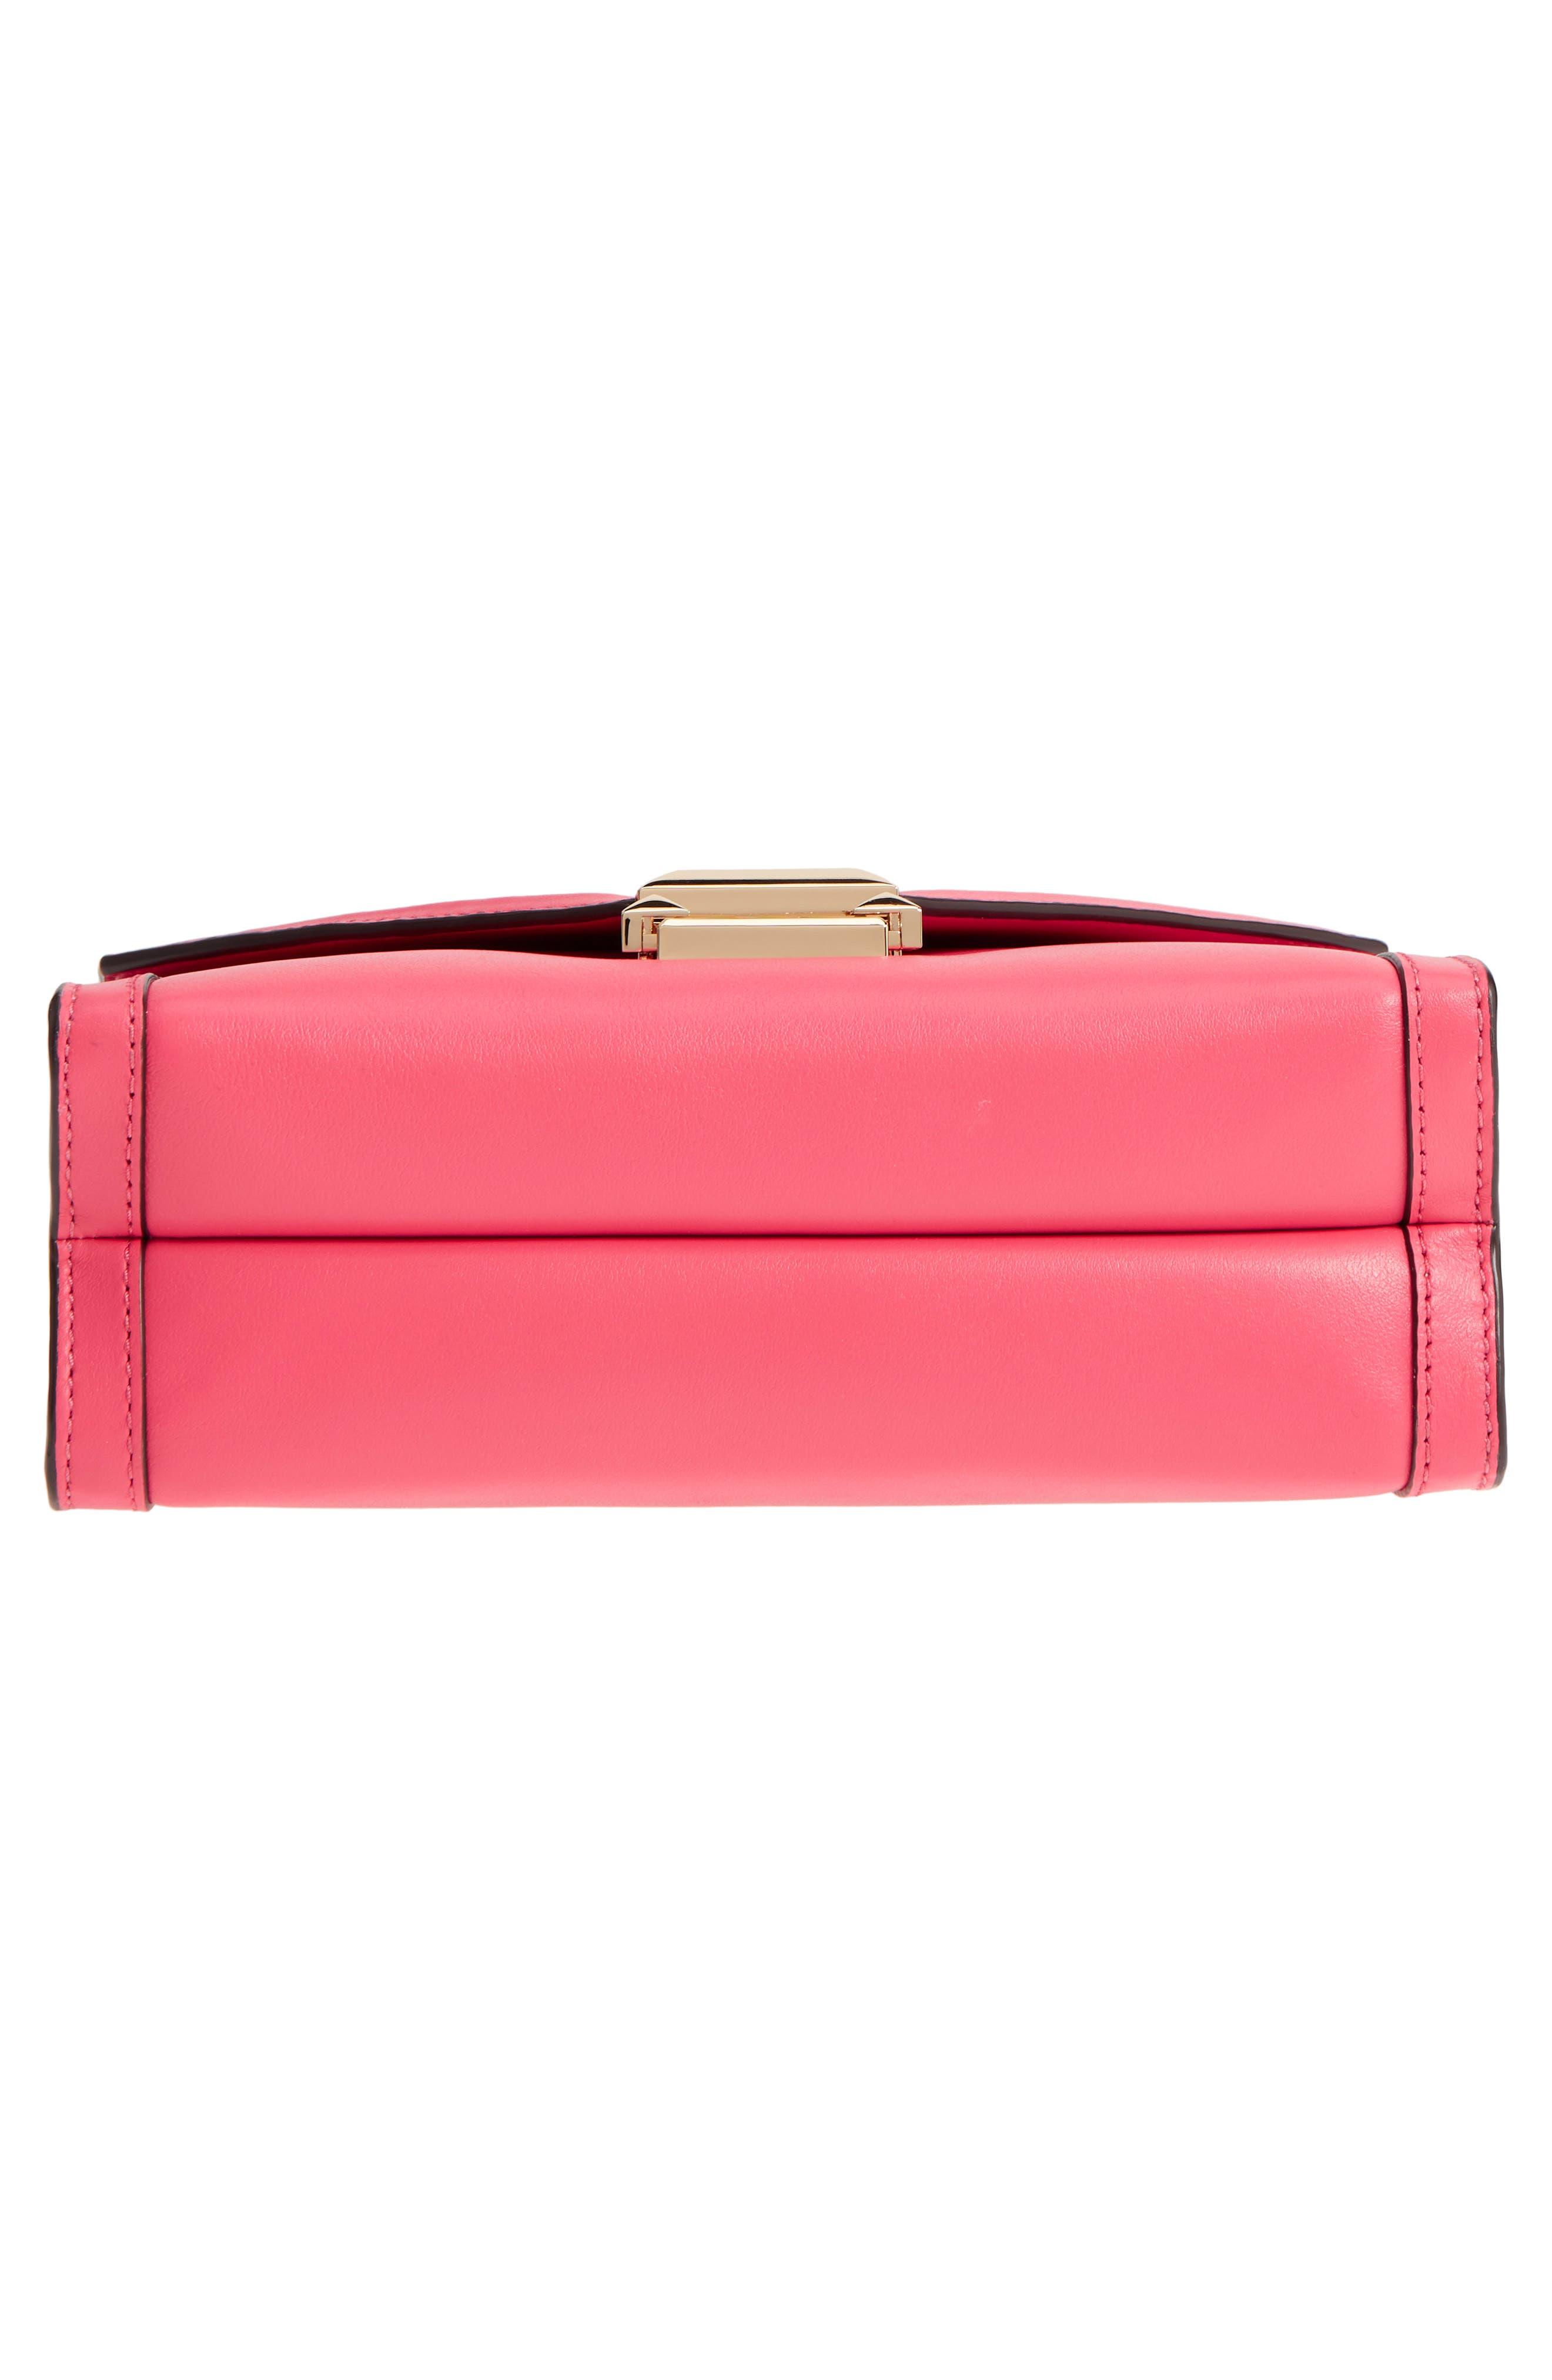 Large Whitney Leather Shoulder Bag,                             Alternate thumbnail 6, color,                             Rose Pink